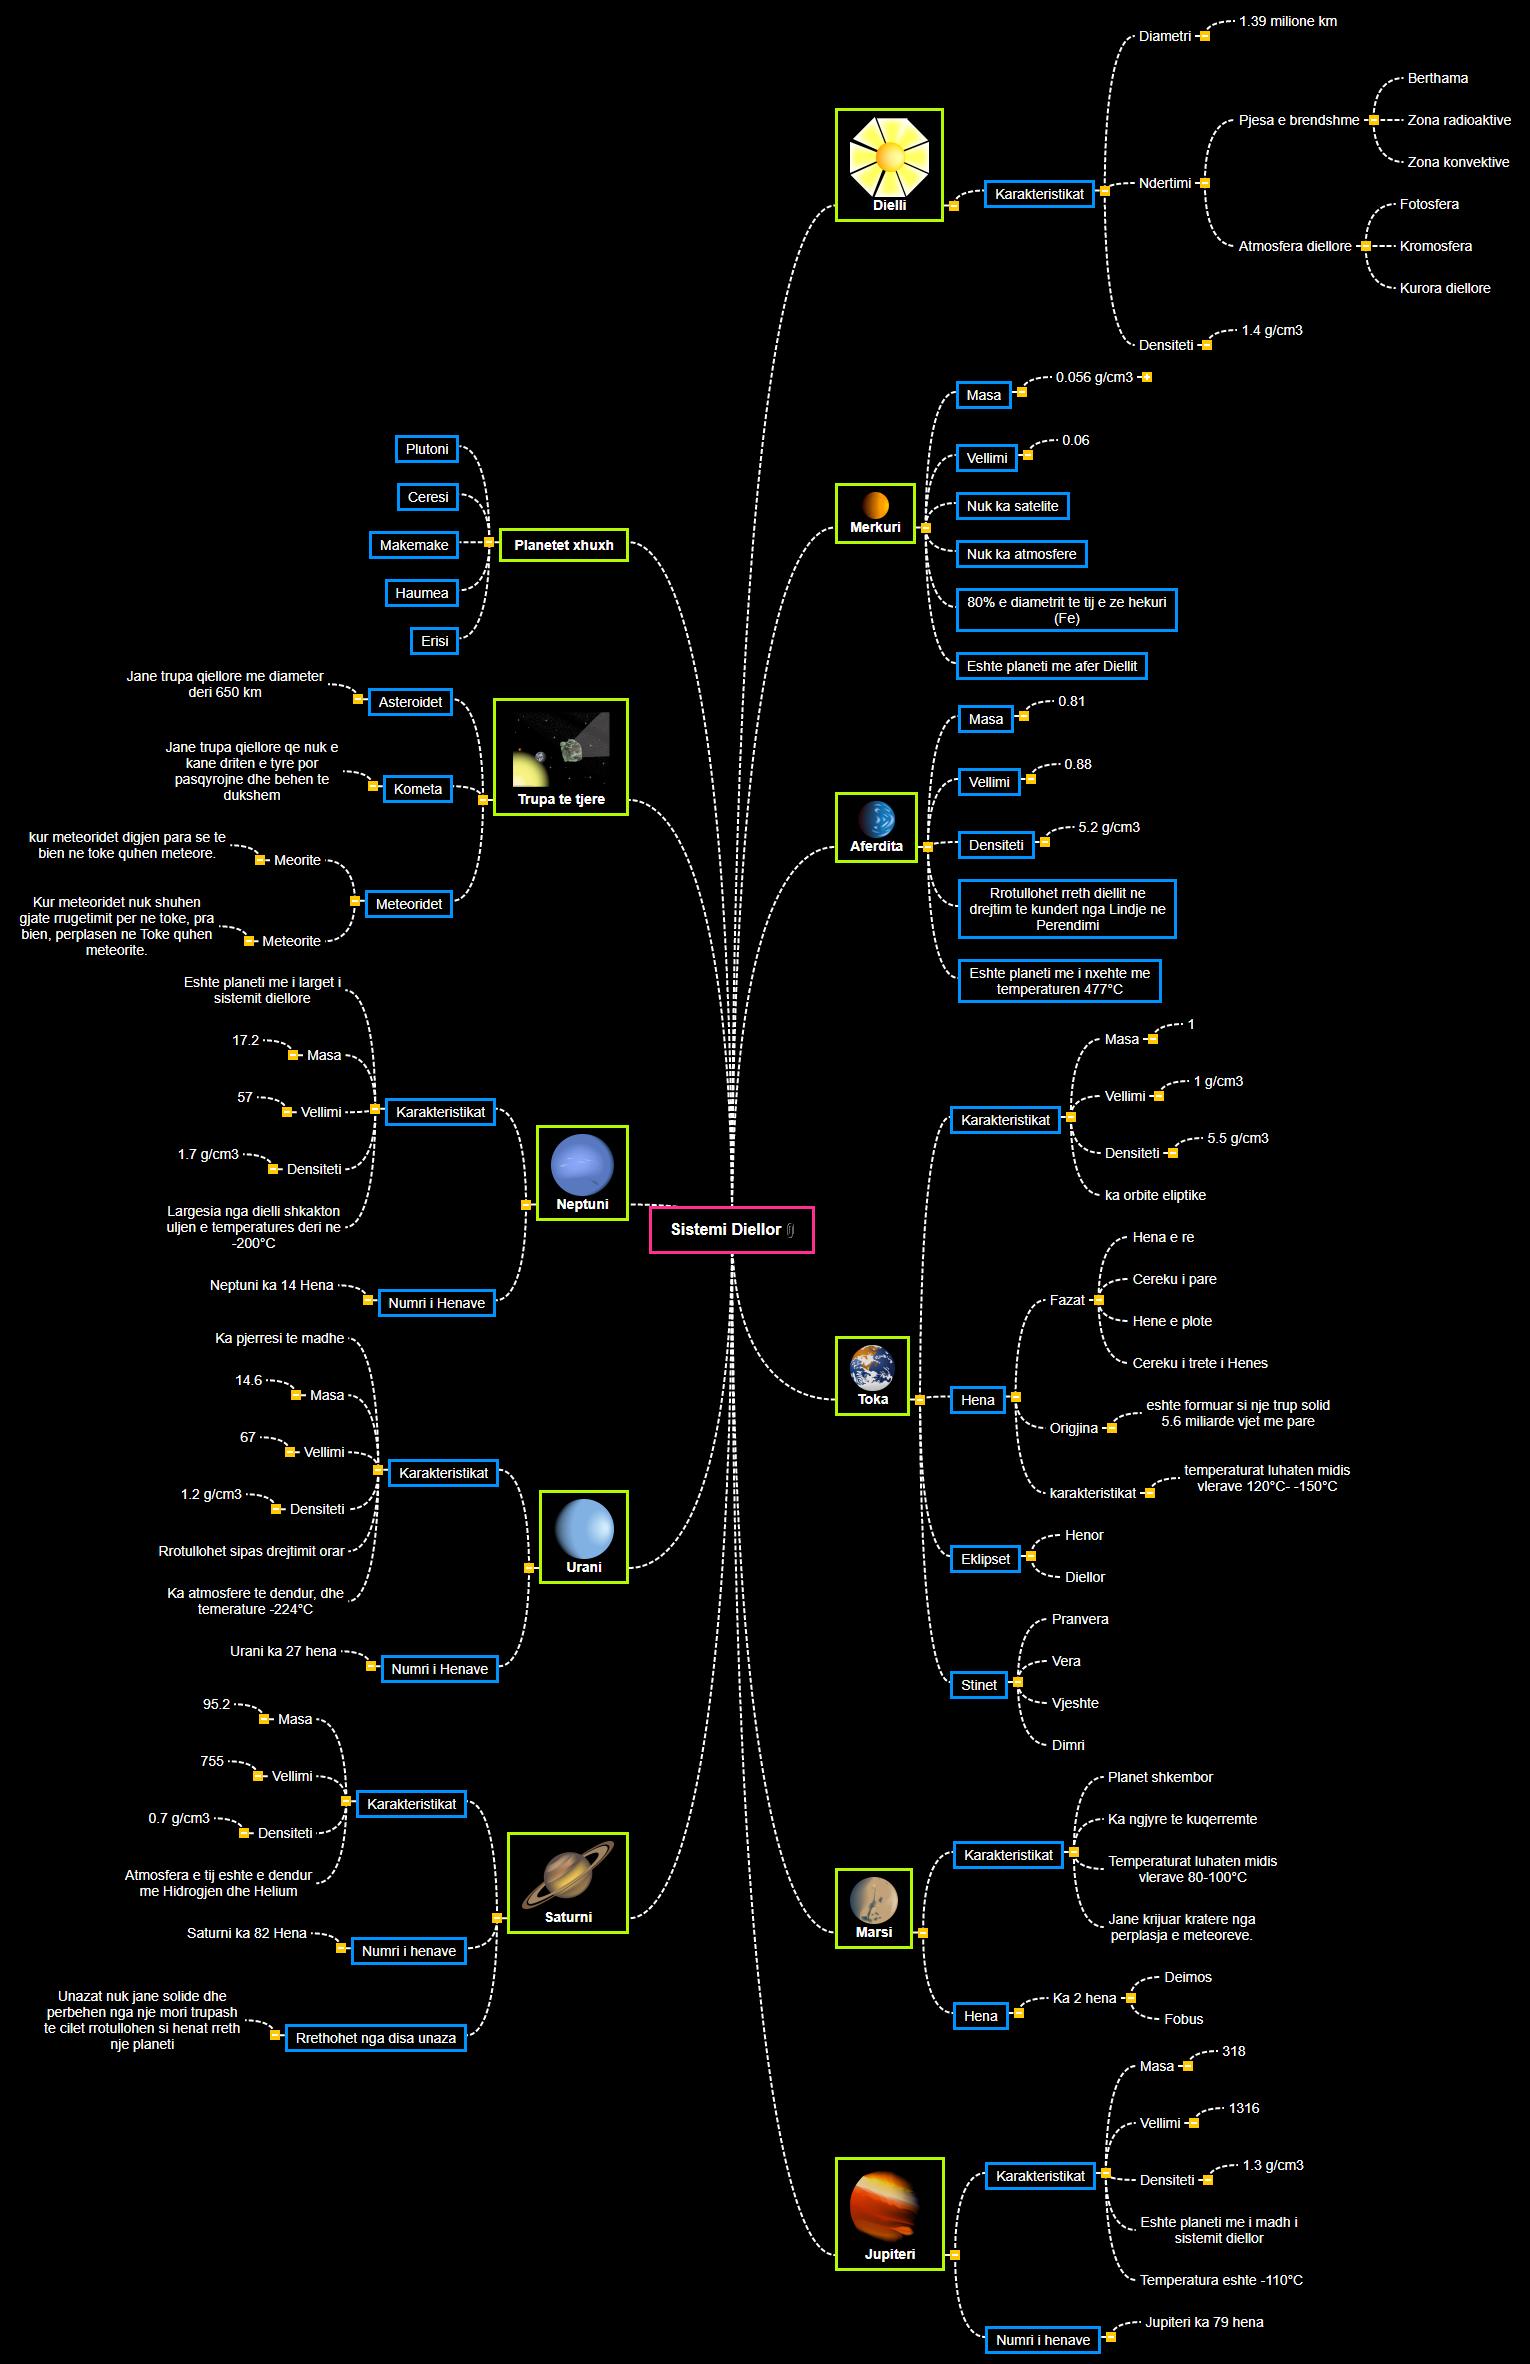 sistemi diellor tik(2) Mind Map